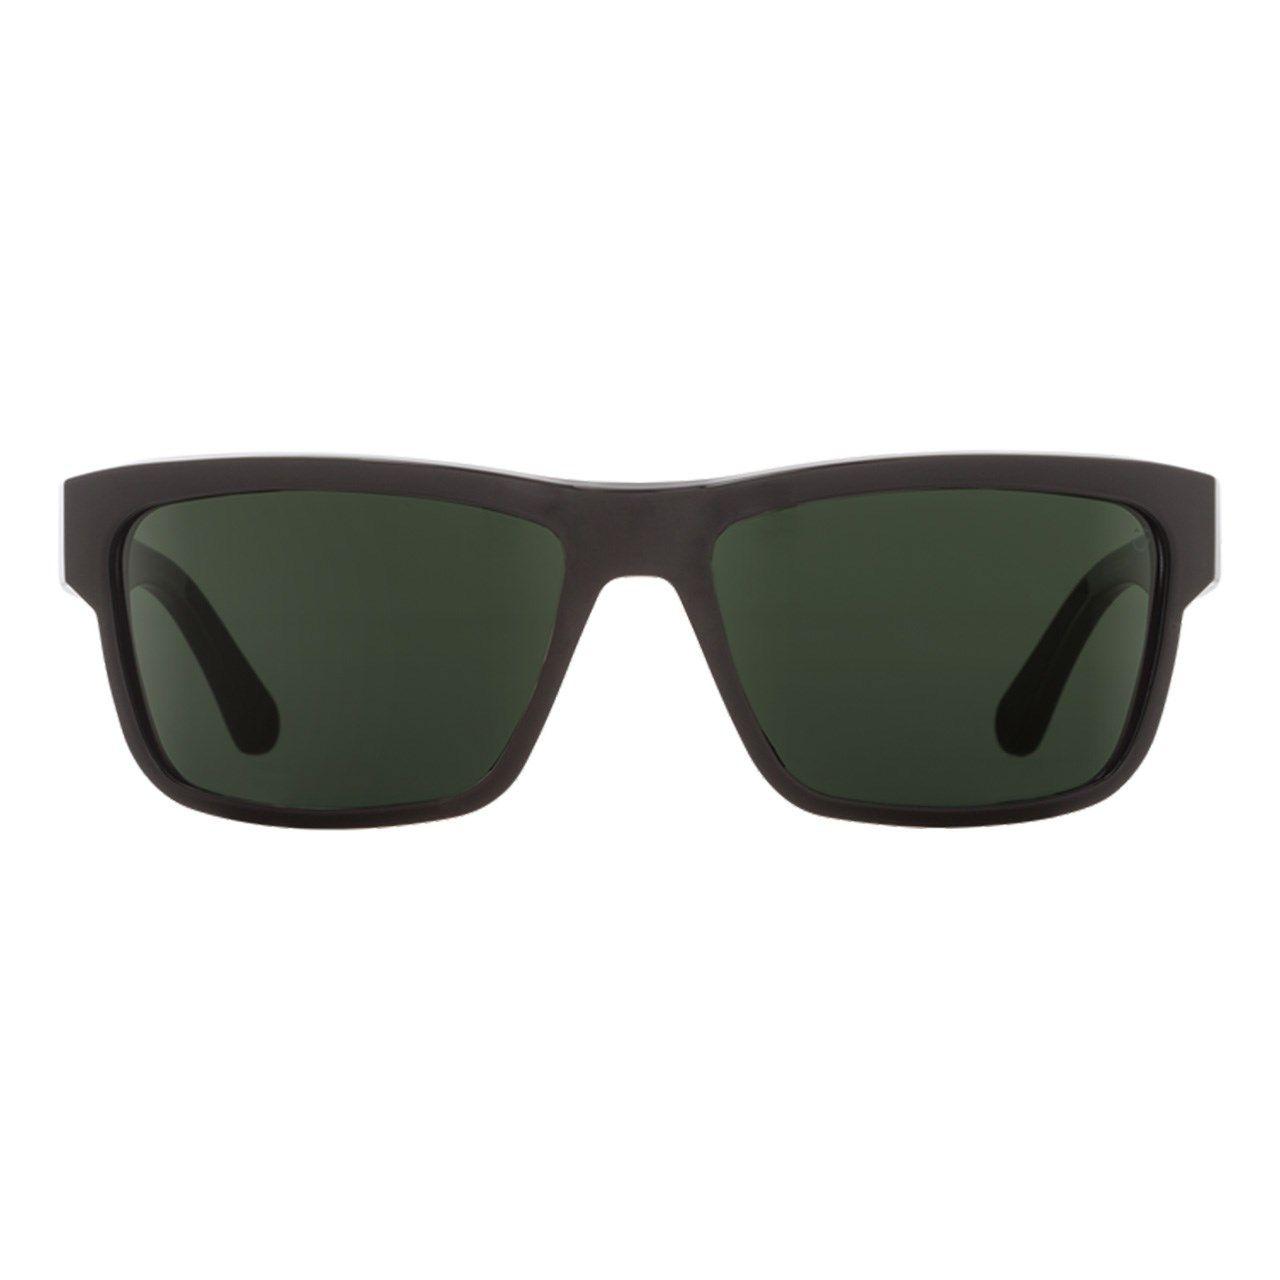 عینک آفتابی اسپای سری Frazier مدل Black Happy Gray Green -  - 1